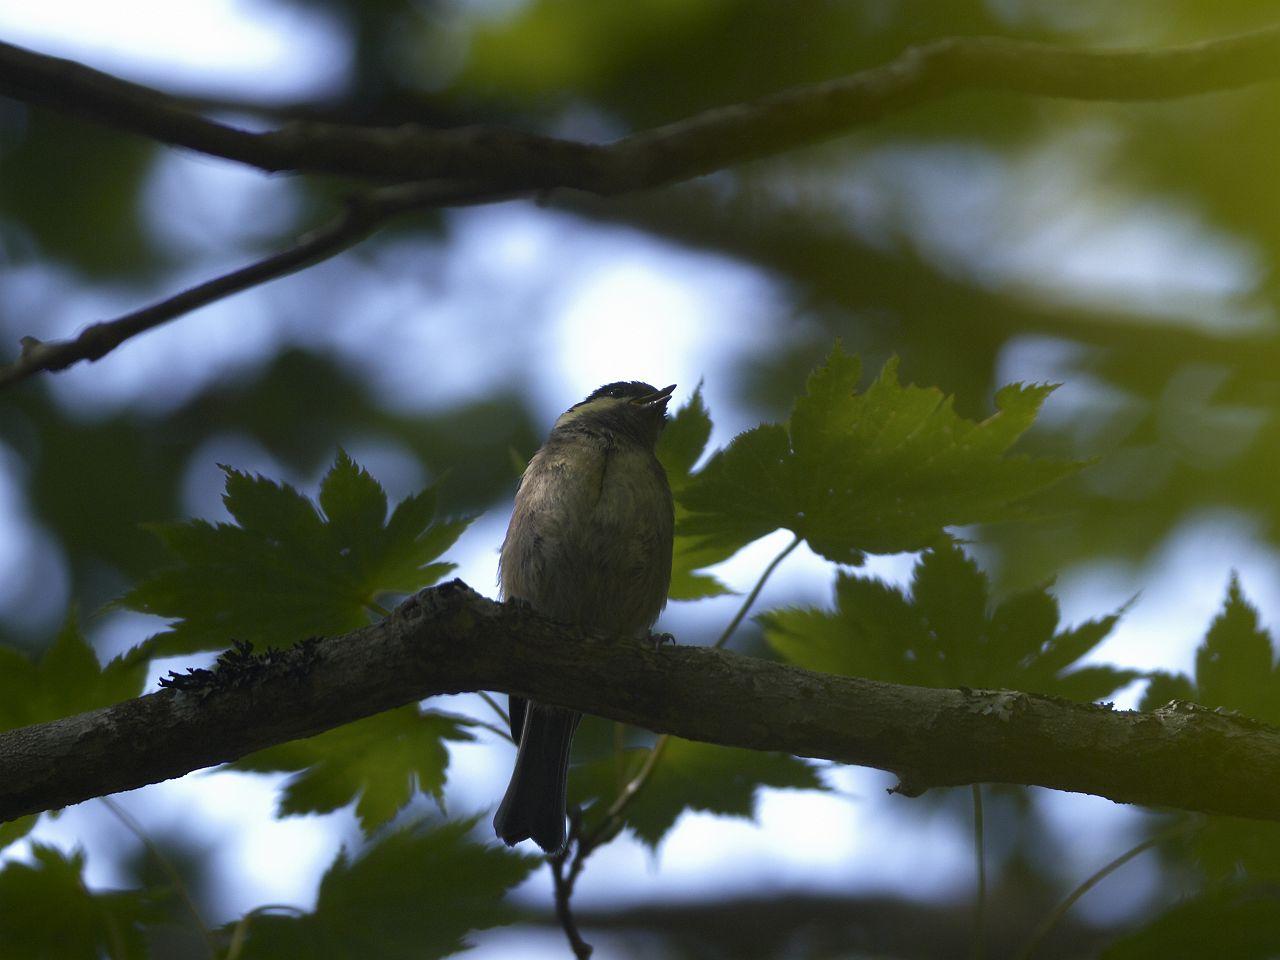 BORG71FLで撮影した野鳥・シジュウカラの写真画像